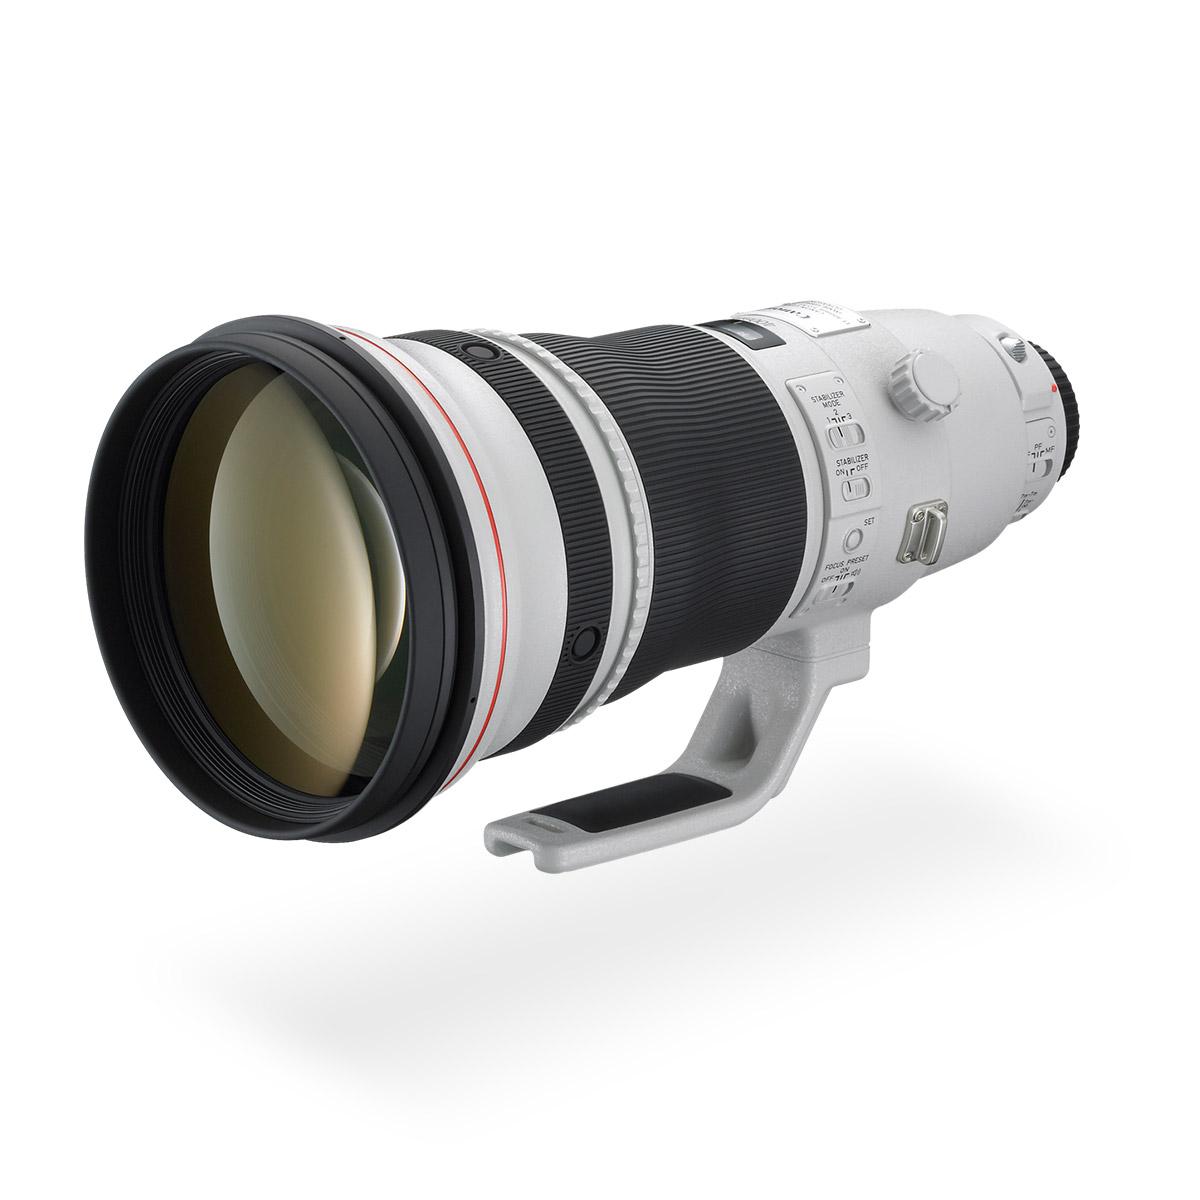 EF 400mm f/2.8L IS II USM lens